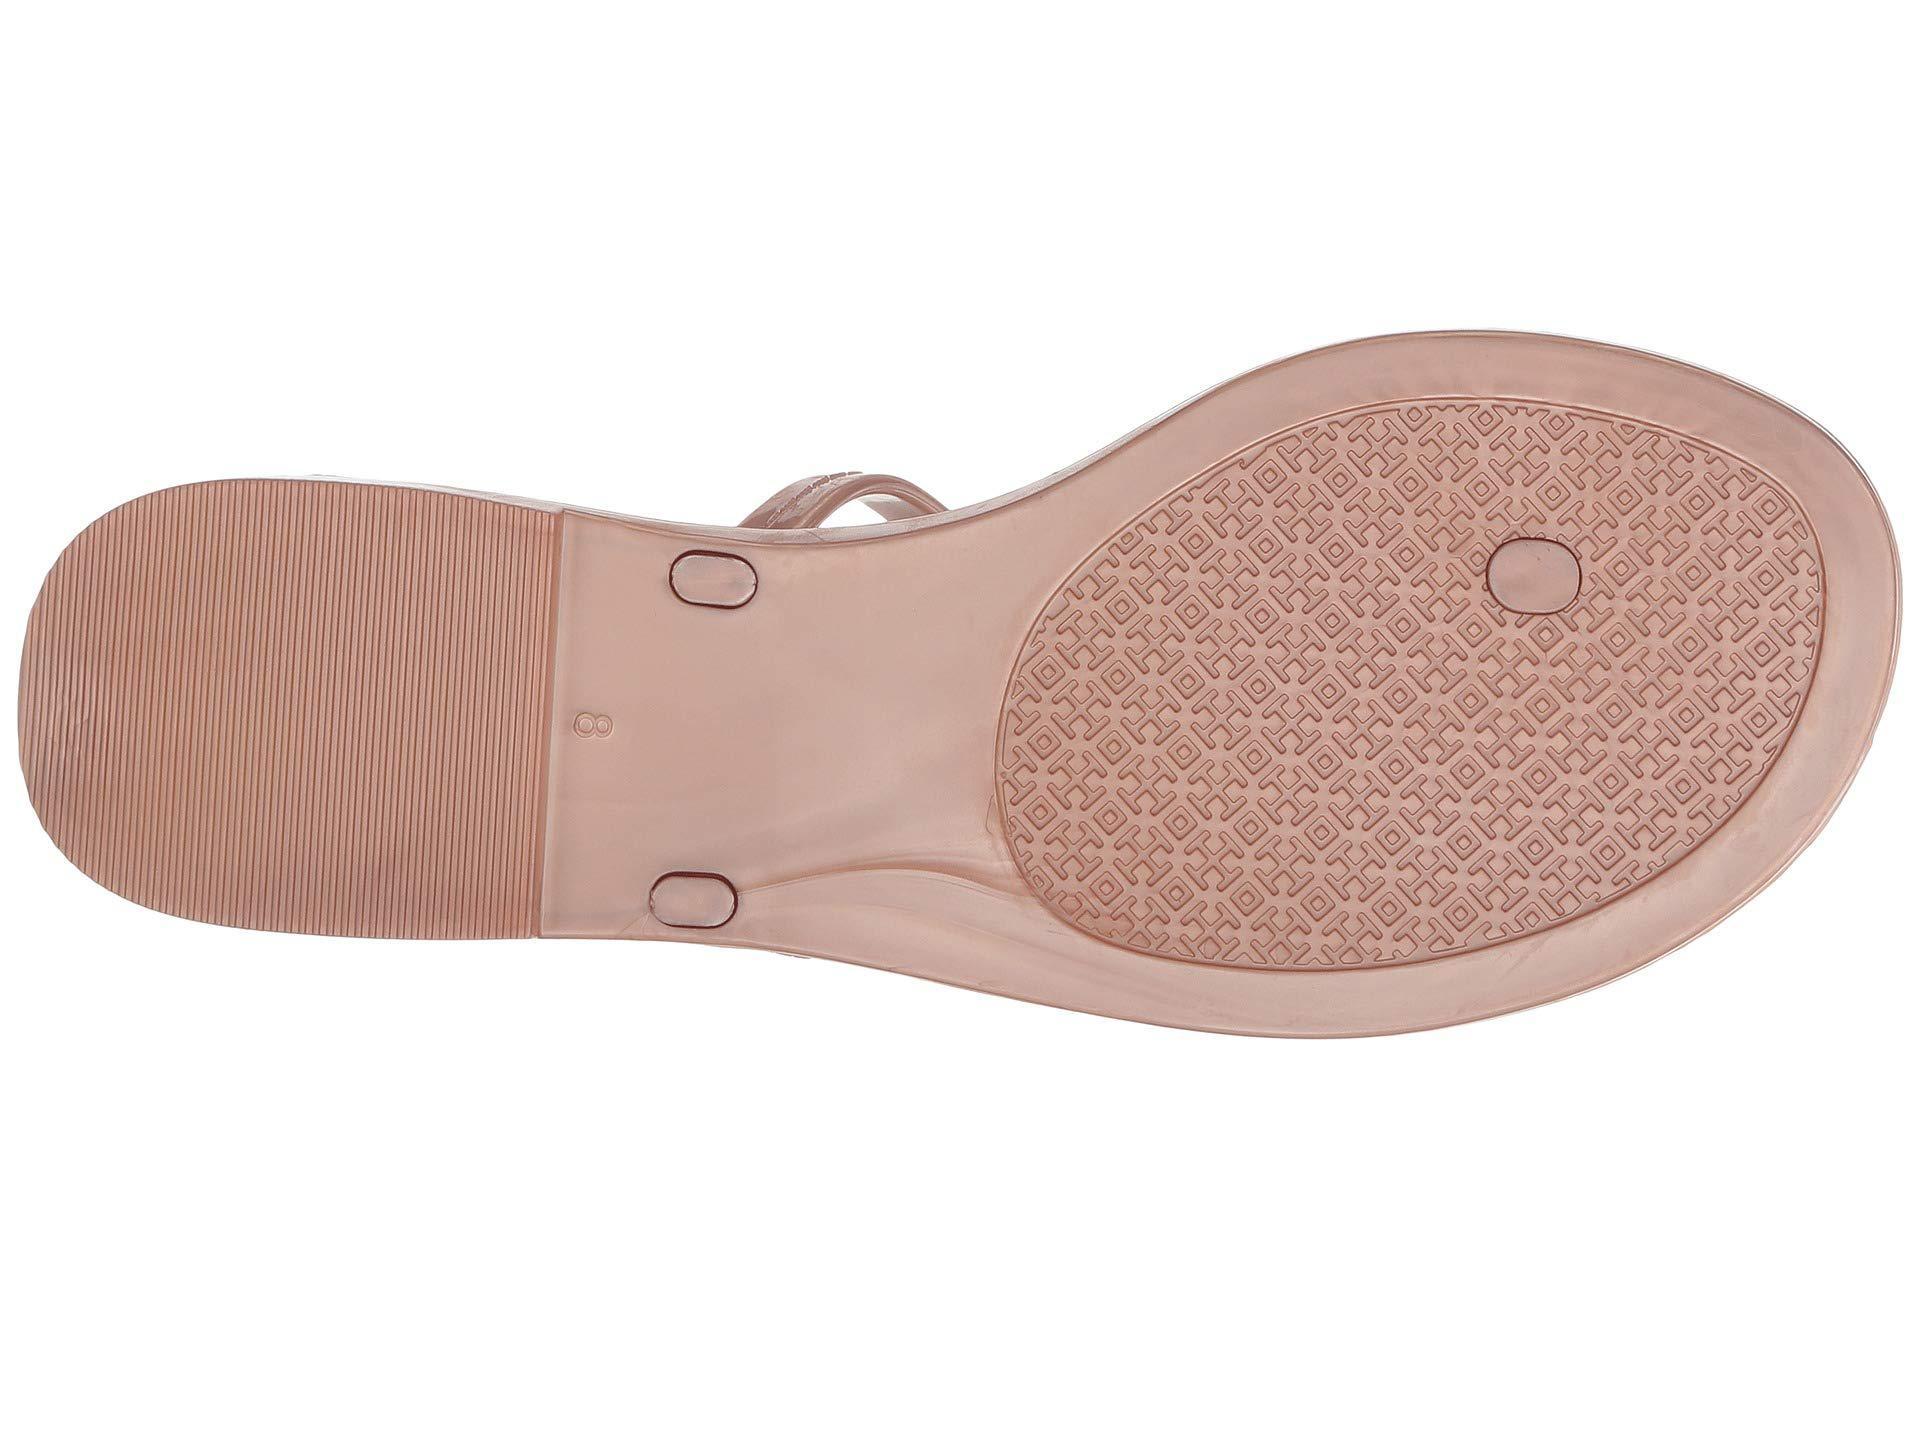 a082a8c6103a Tory Burch - Pink Mini Miller Flat Thong (black 1) Women s Sandals - Lyst.  View fullscreen